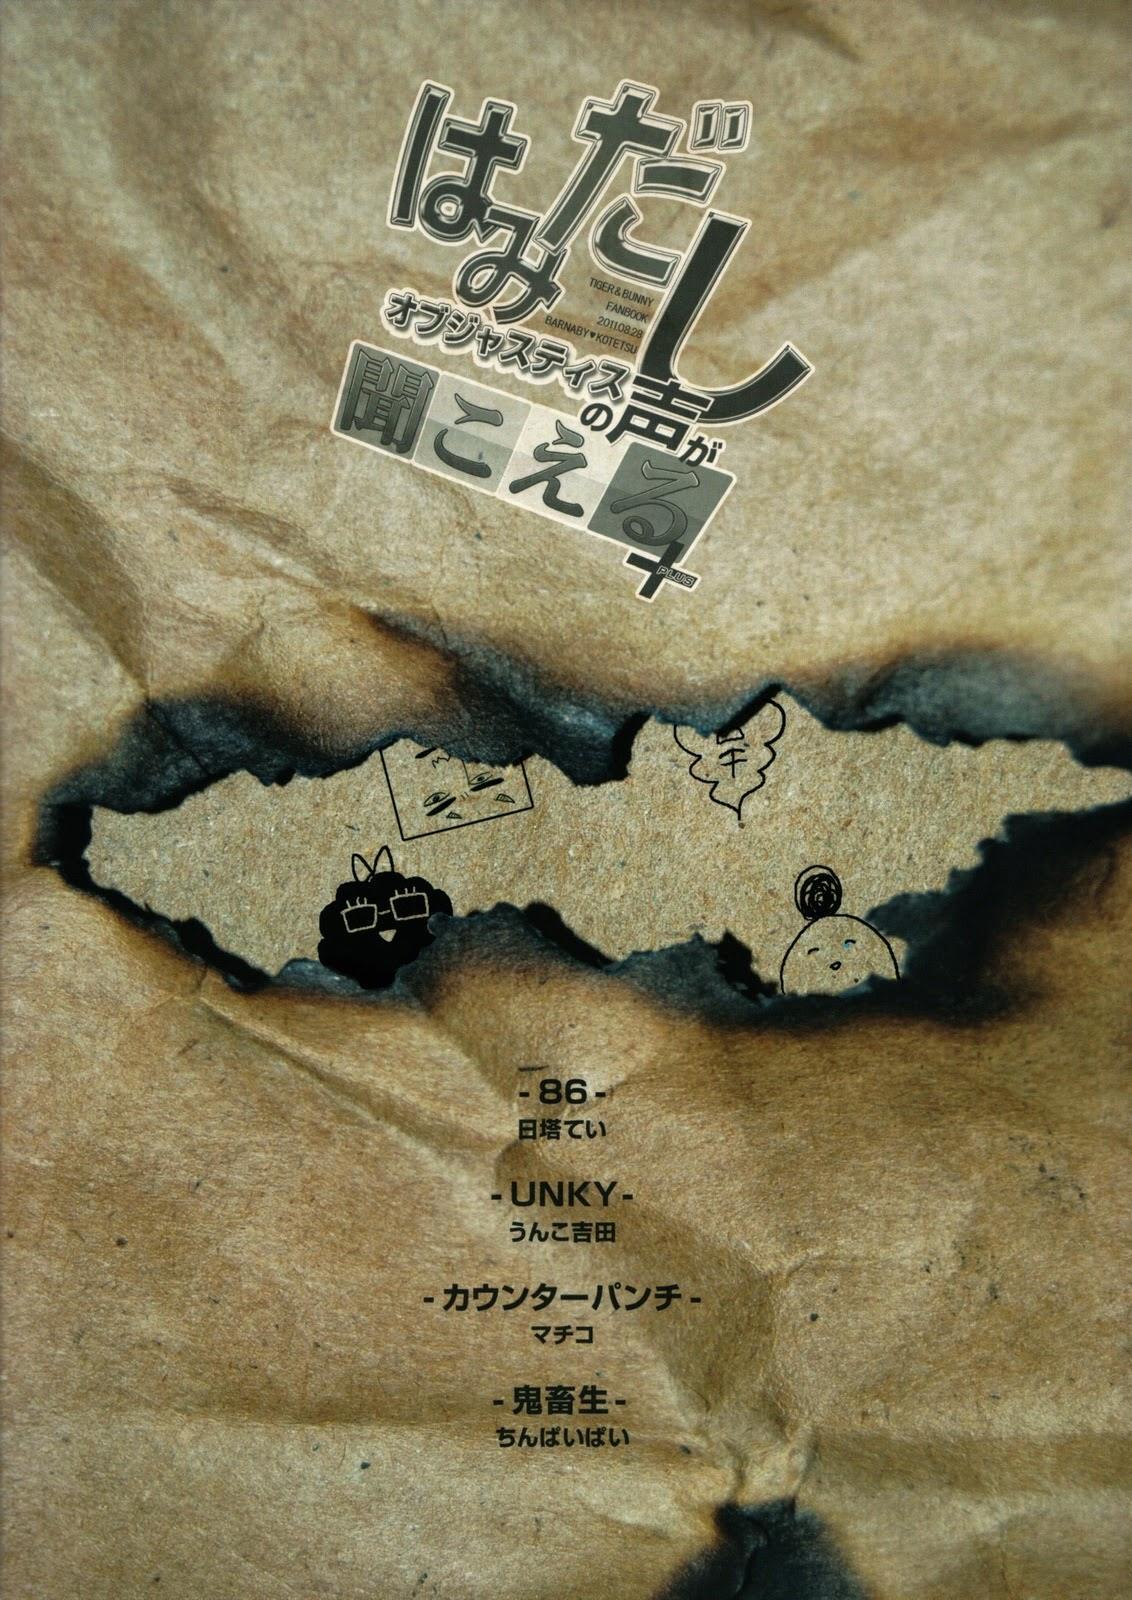 Hamidashi Justice no Koe ga Kikoeru Plus 37